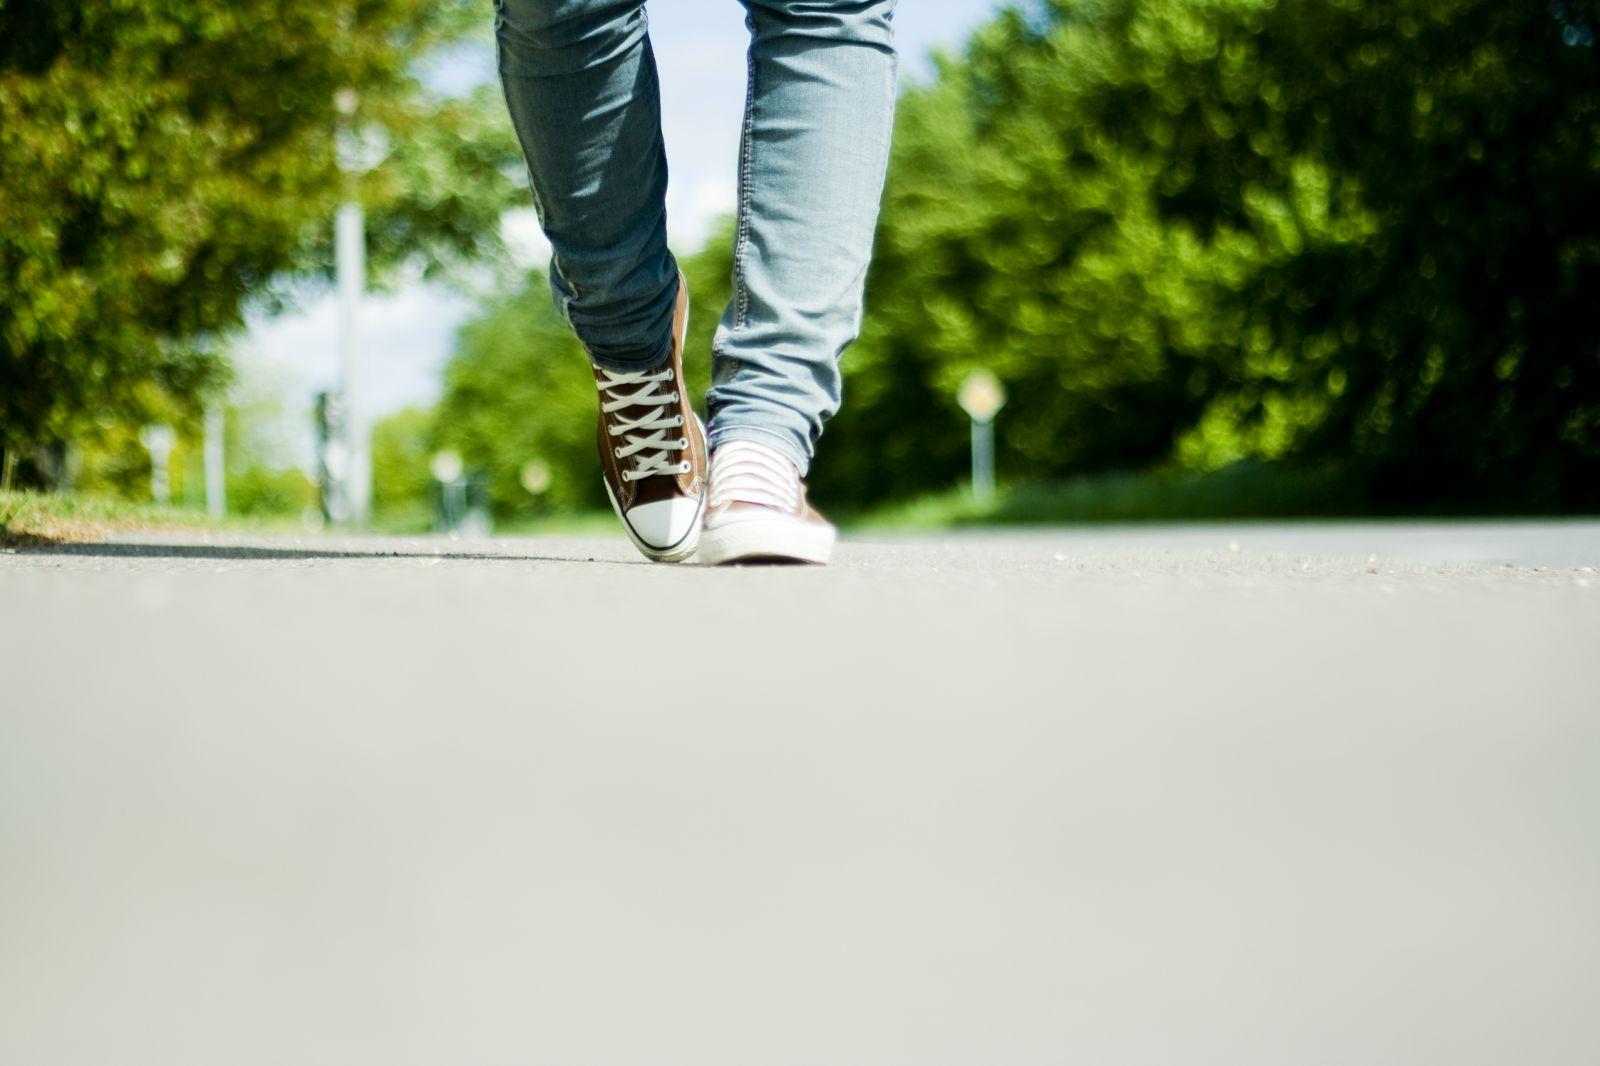 Walking on Road